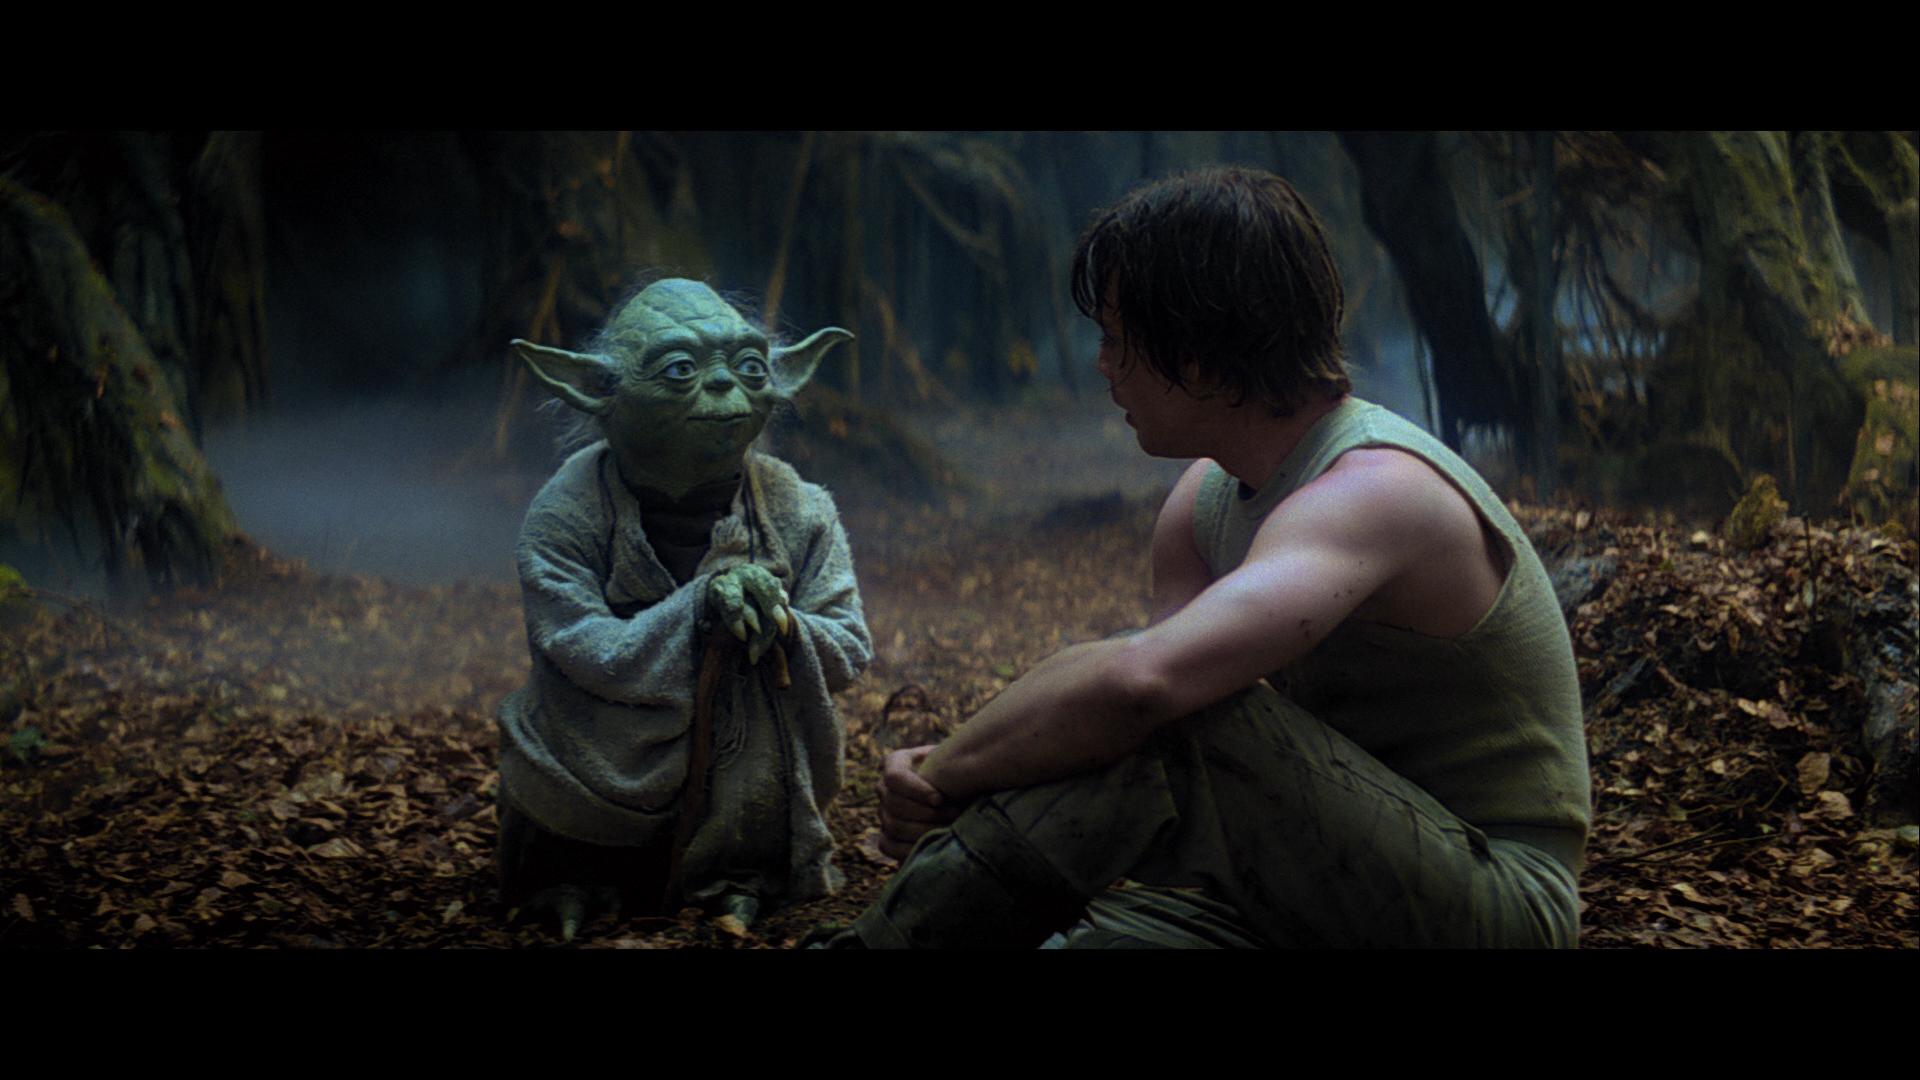 The Empire Strikes Back Star Wars Episode V The Empire Strikes Back Yoda 993712 Hd Wallpaper Backgrounds Download